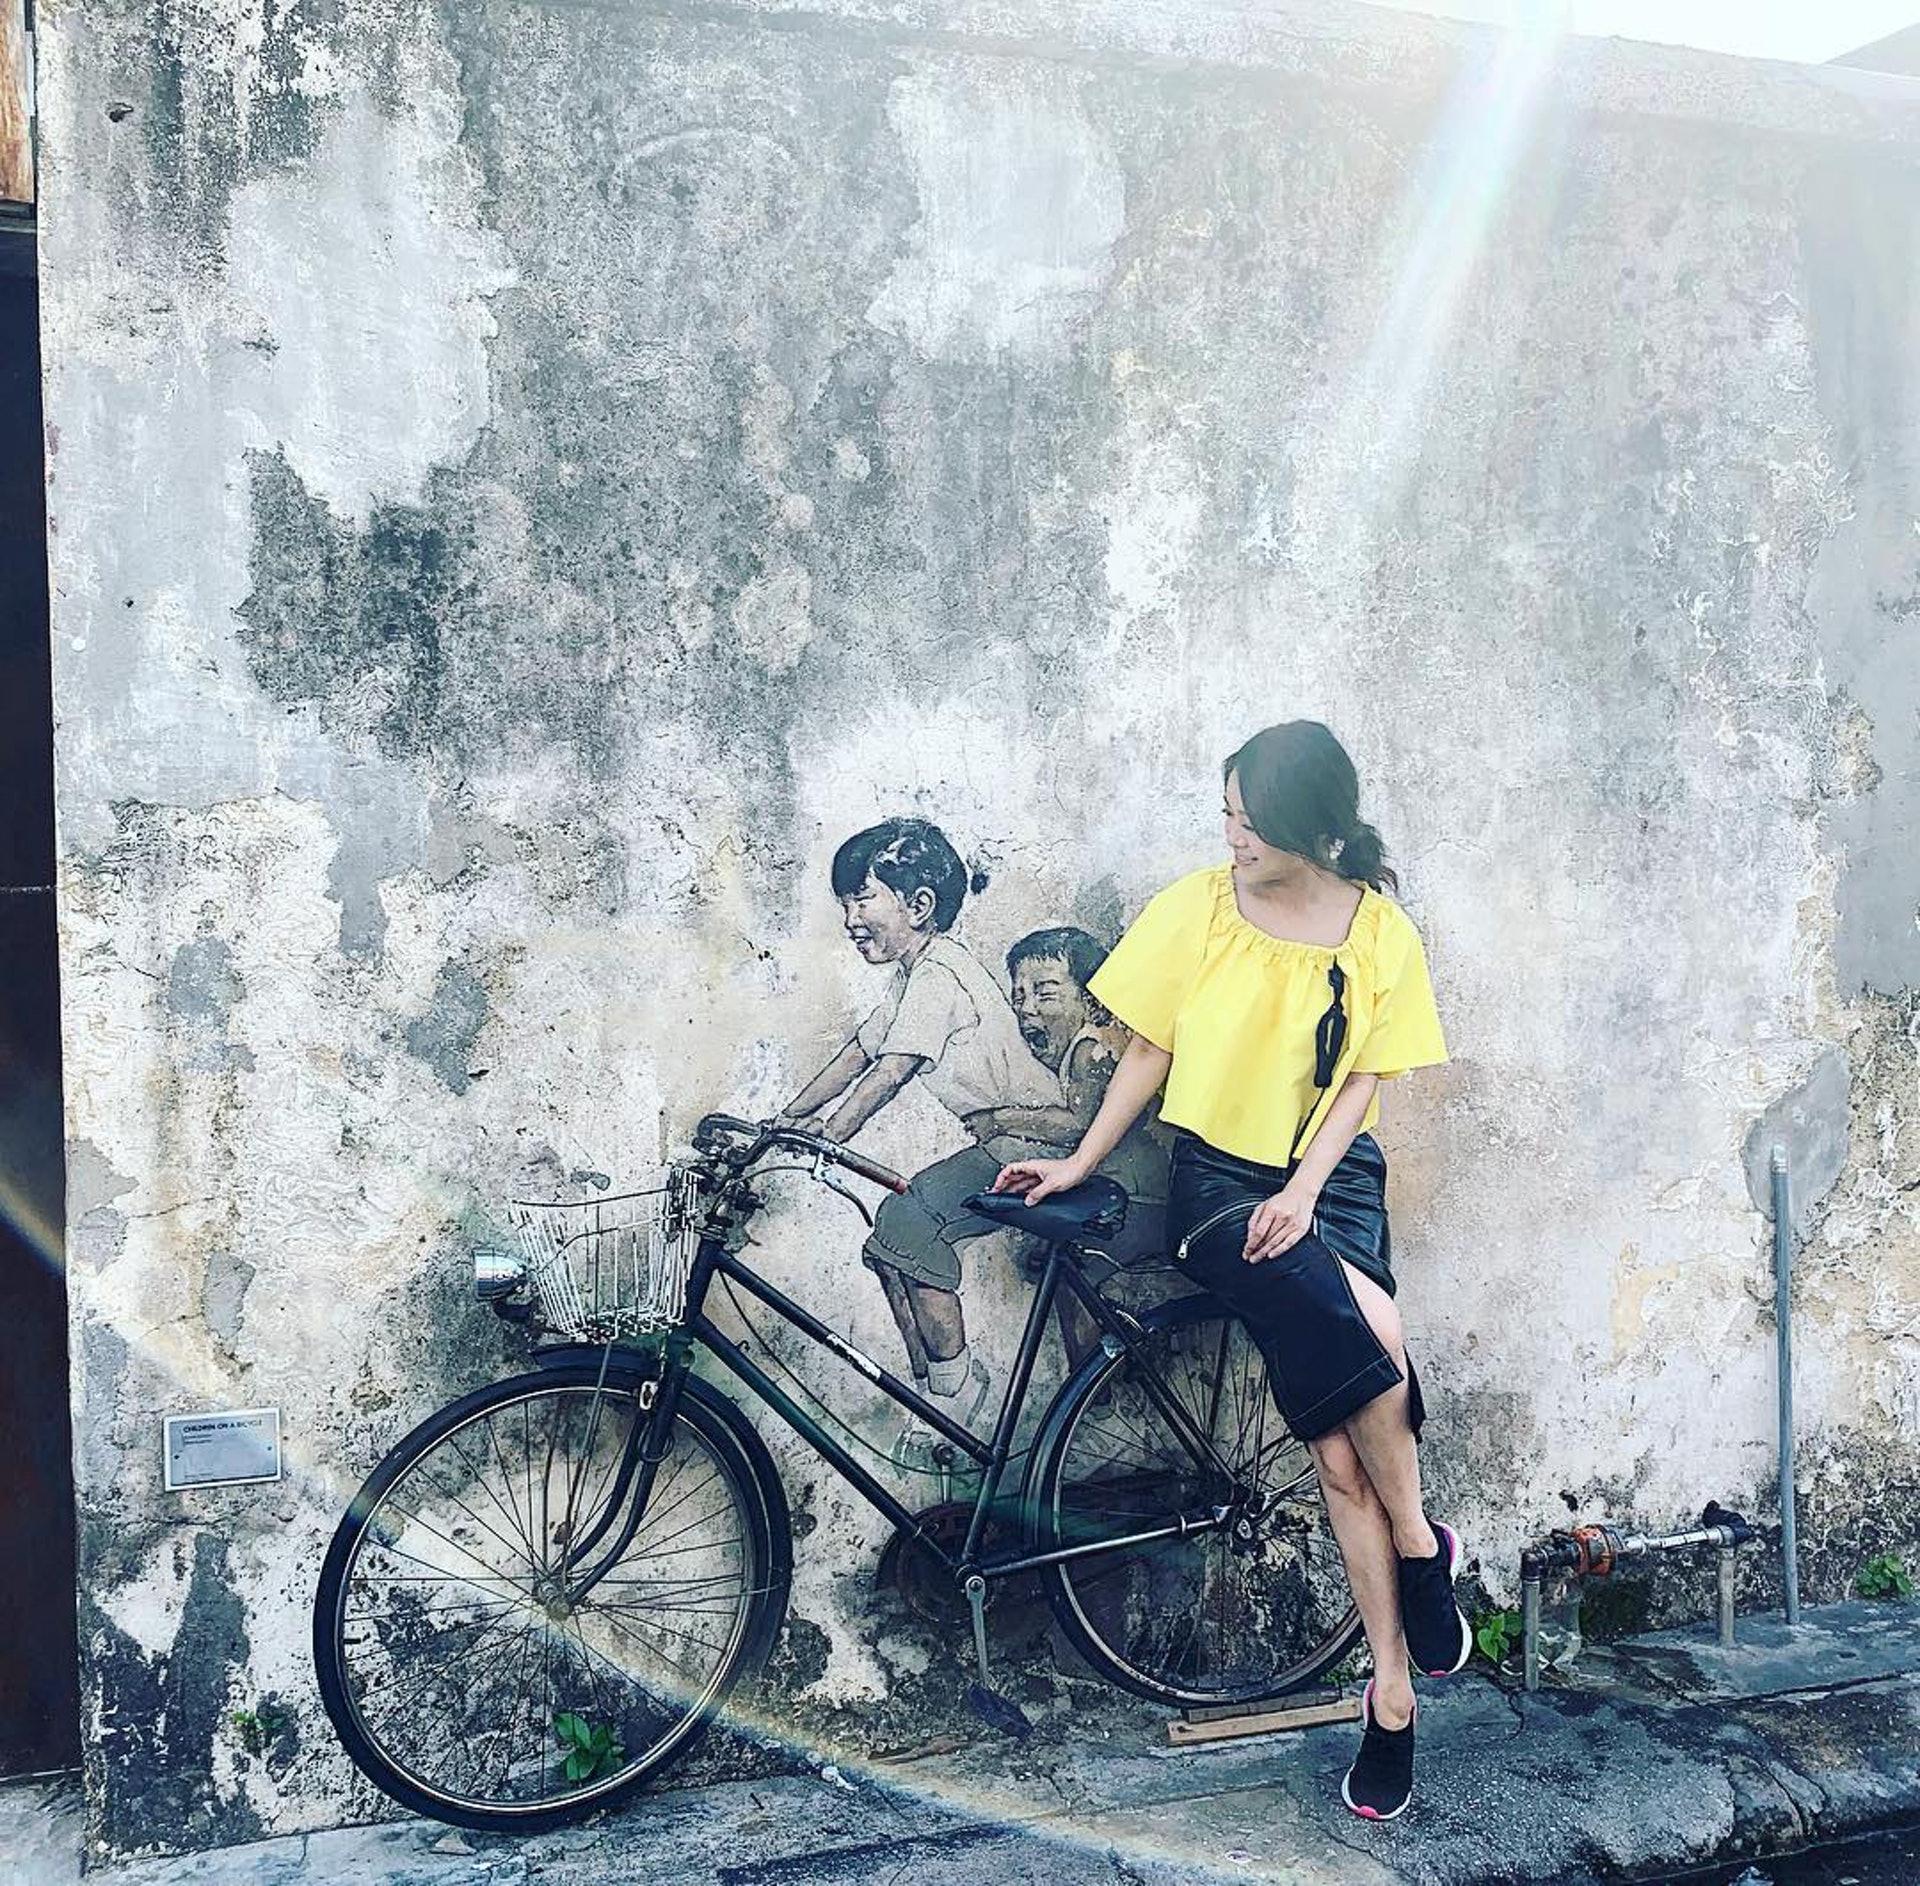 「安心事件」爆出前一日(4月15日),黃心穎仍有在Instagram分享在馬來西亞拍攝《懿想得到》的花絮相片。(Instagram/@jacquelinebwong)